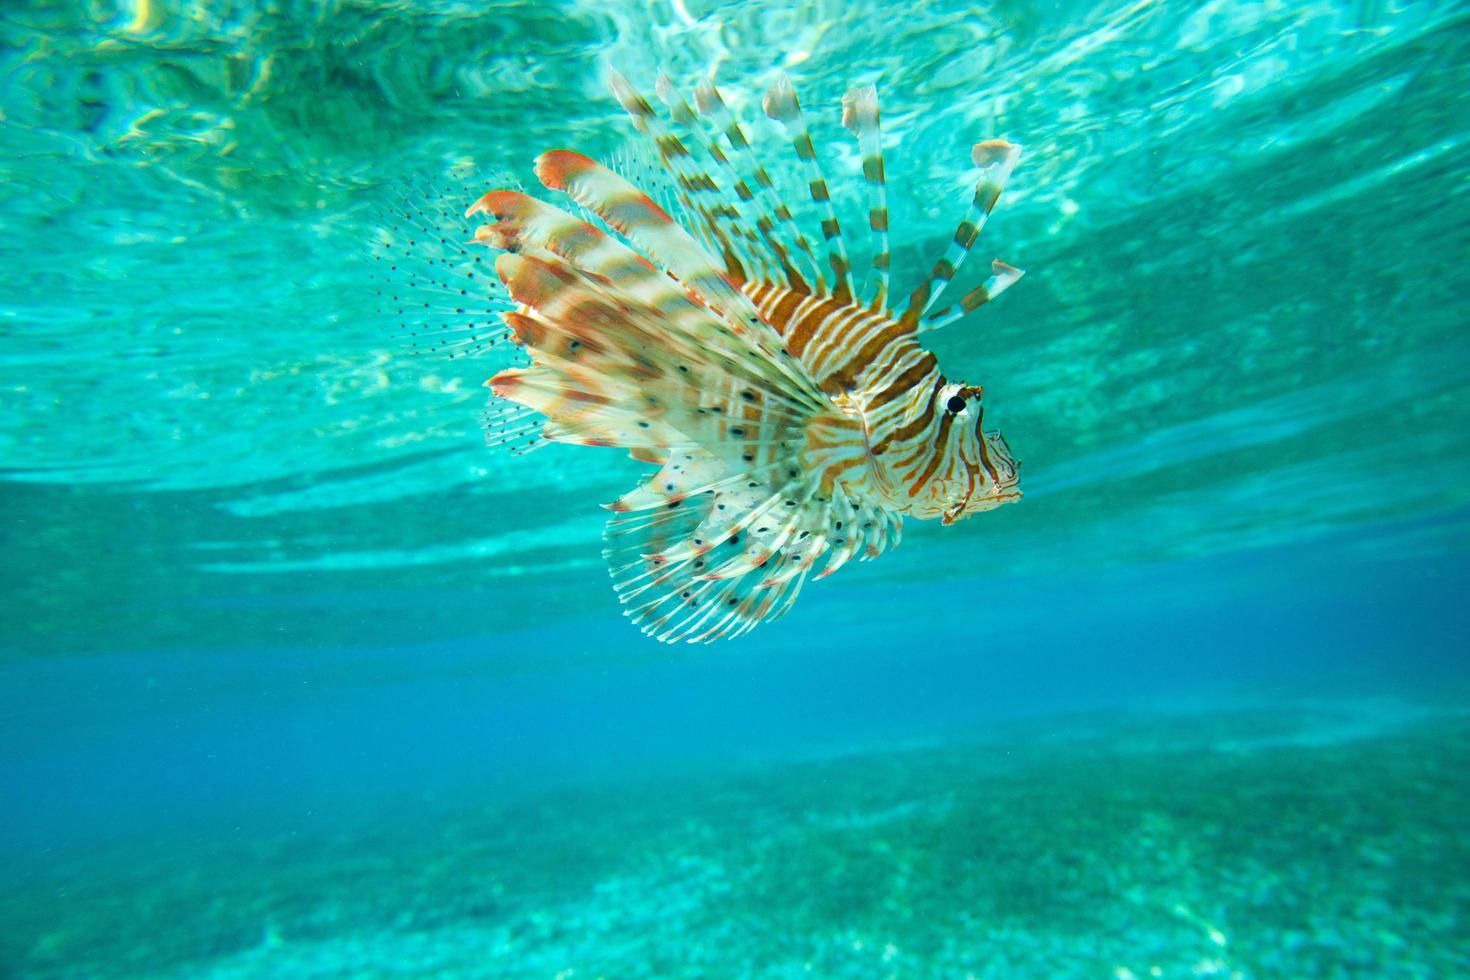 pez león nadando bajo el agua foto